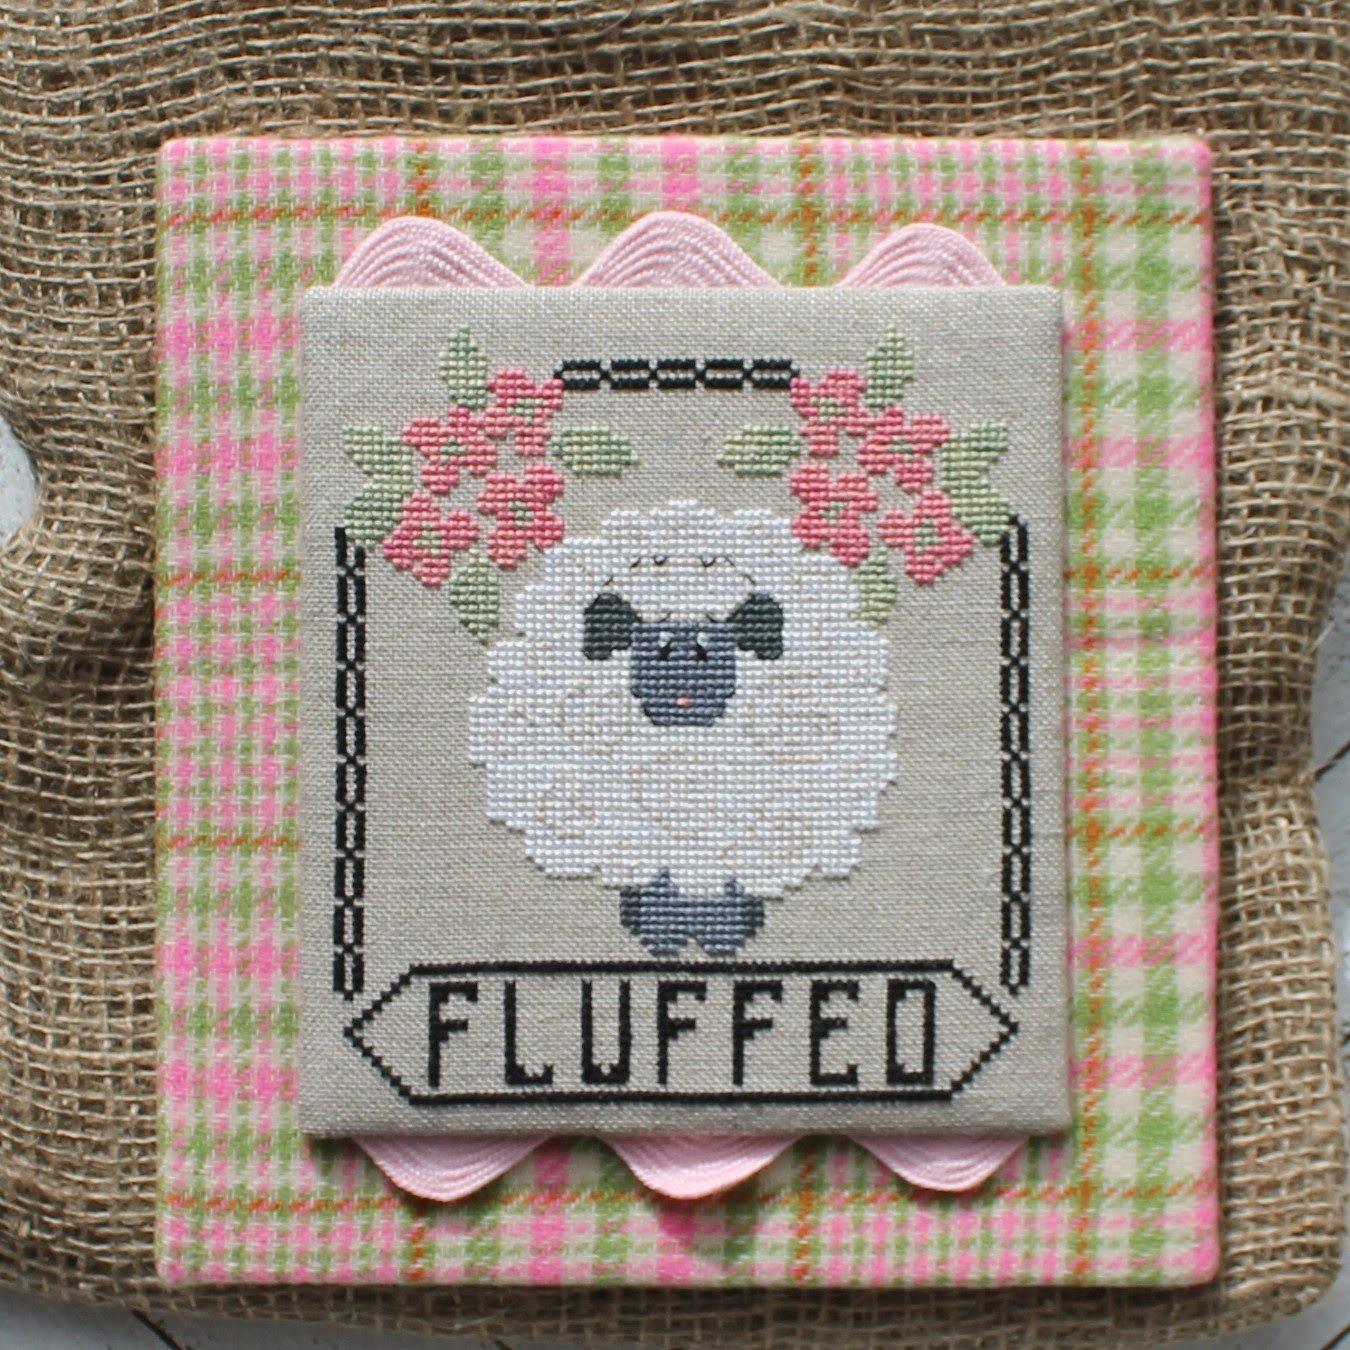 Fluffed ~ Luhu Stitches